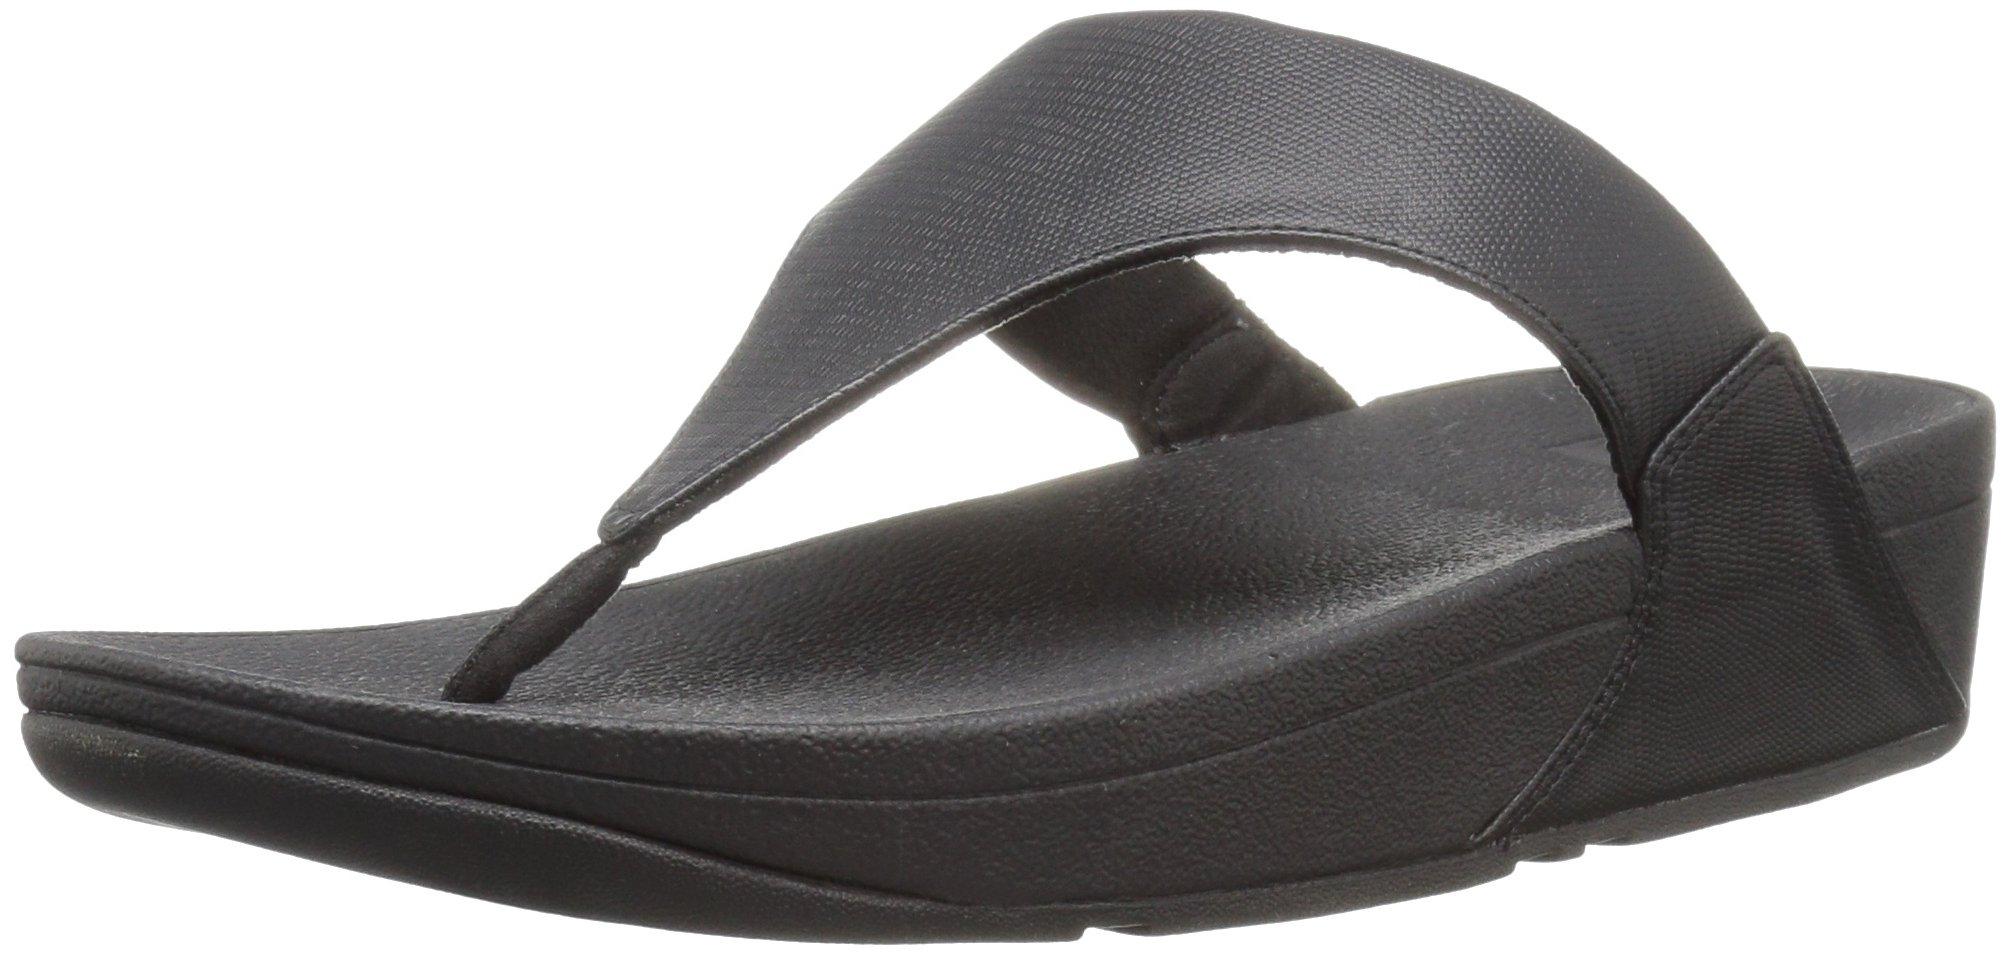 FitFlop Women's Lulu Lizard-Print Flip Flops Sandal, black, 8 M US by FITFLOP